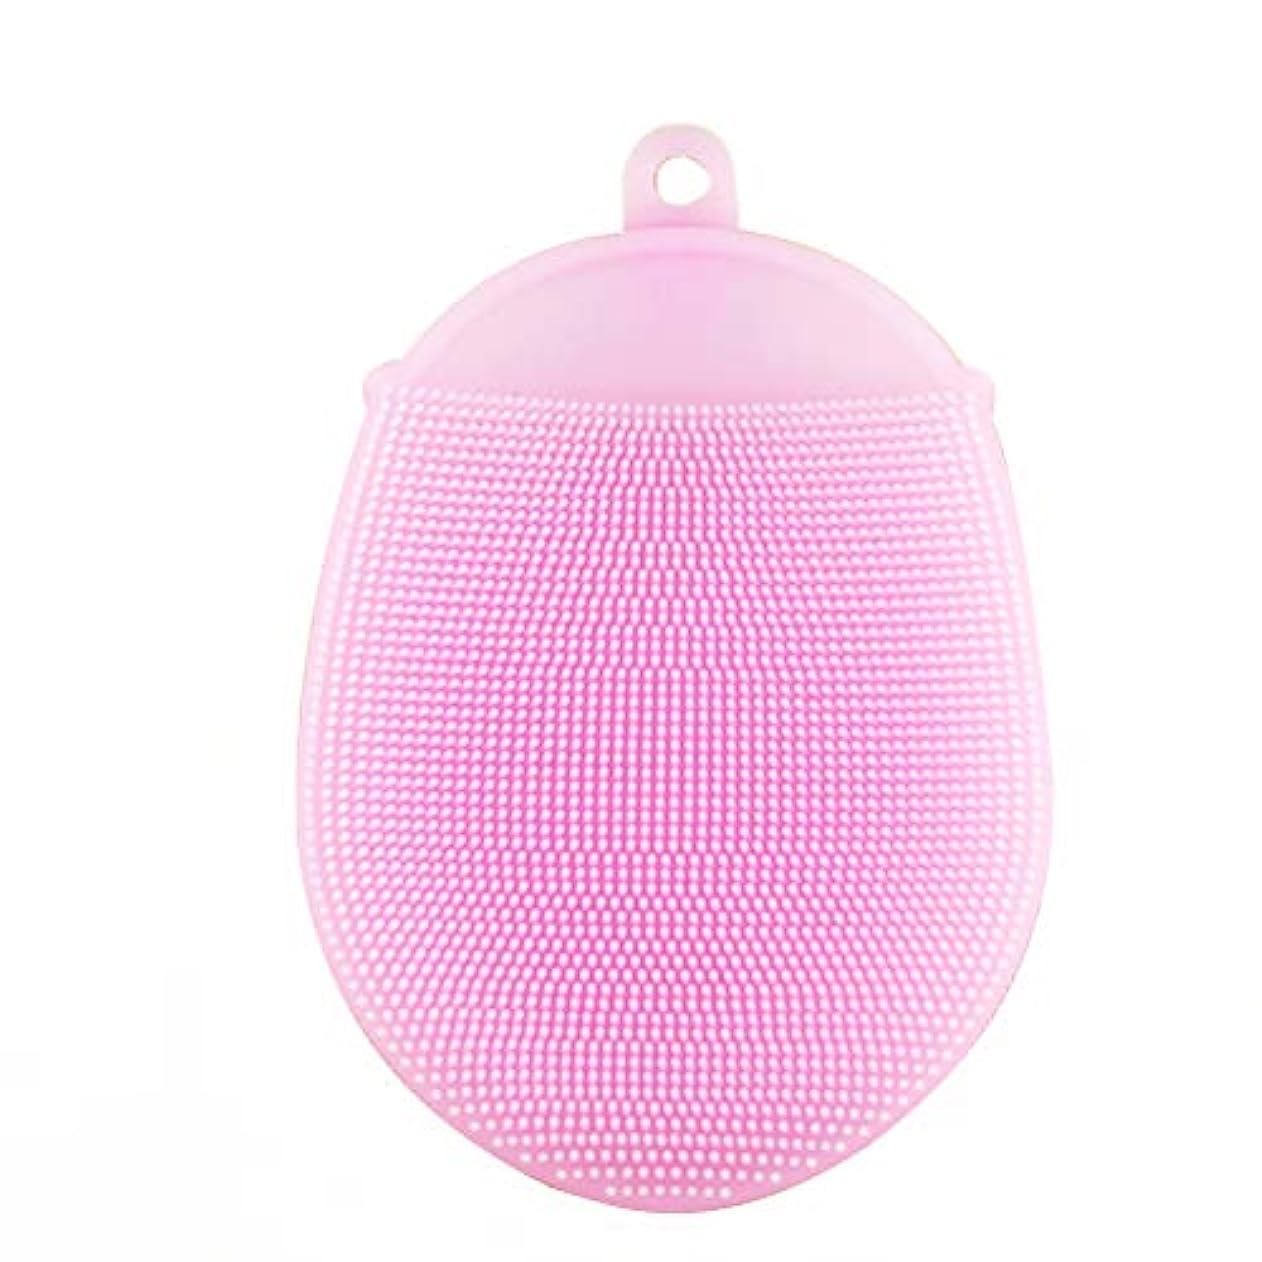 競合他社選手葉巻やむを得ないHealifty シリコン 入浴ブラシ 抗菌 シャワースクラバー 洗顔パッド 2本入 (ピンク)